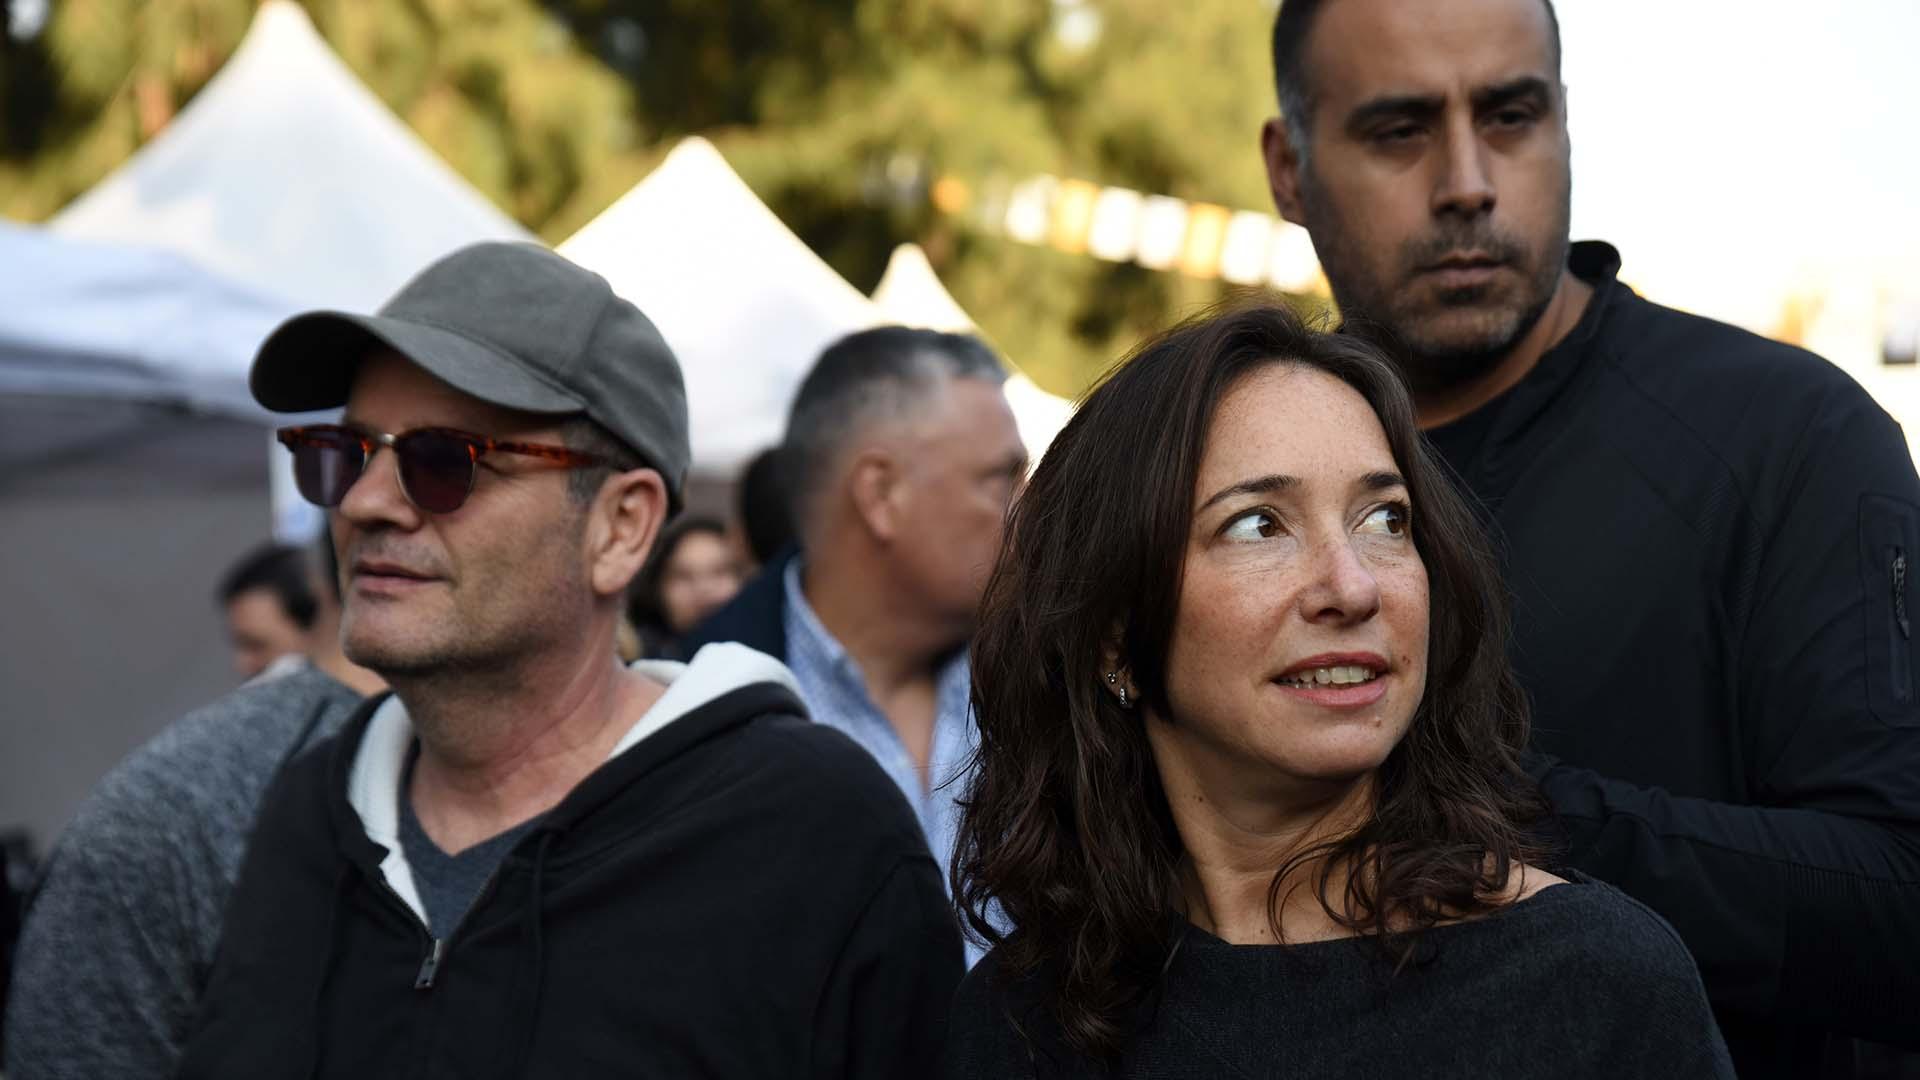 Ilan Sztulman, diplomático israelí y actual embajador en Argentina, acompañada por Pamela Malewicz, subsecretaria de Derechos Humanos y Pluralismo Cultural. También estuvo el ministro Claudio Avruj